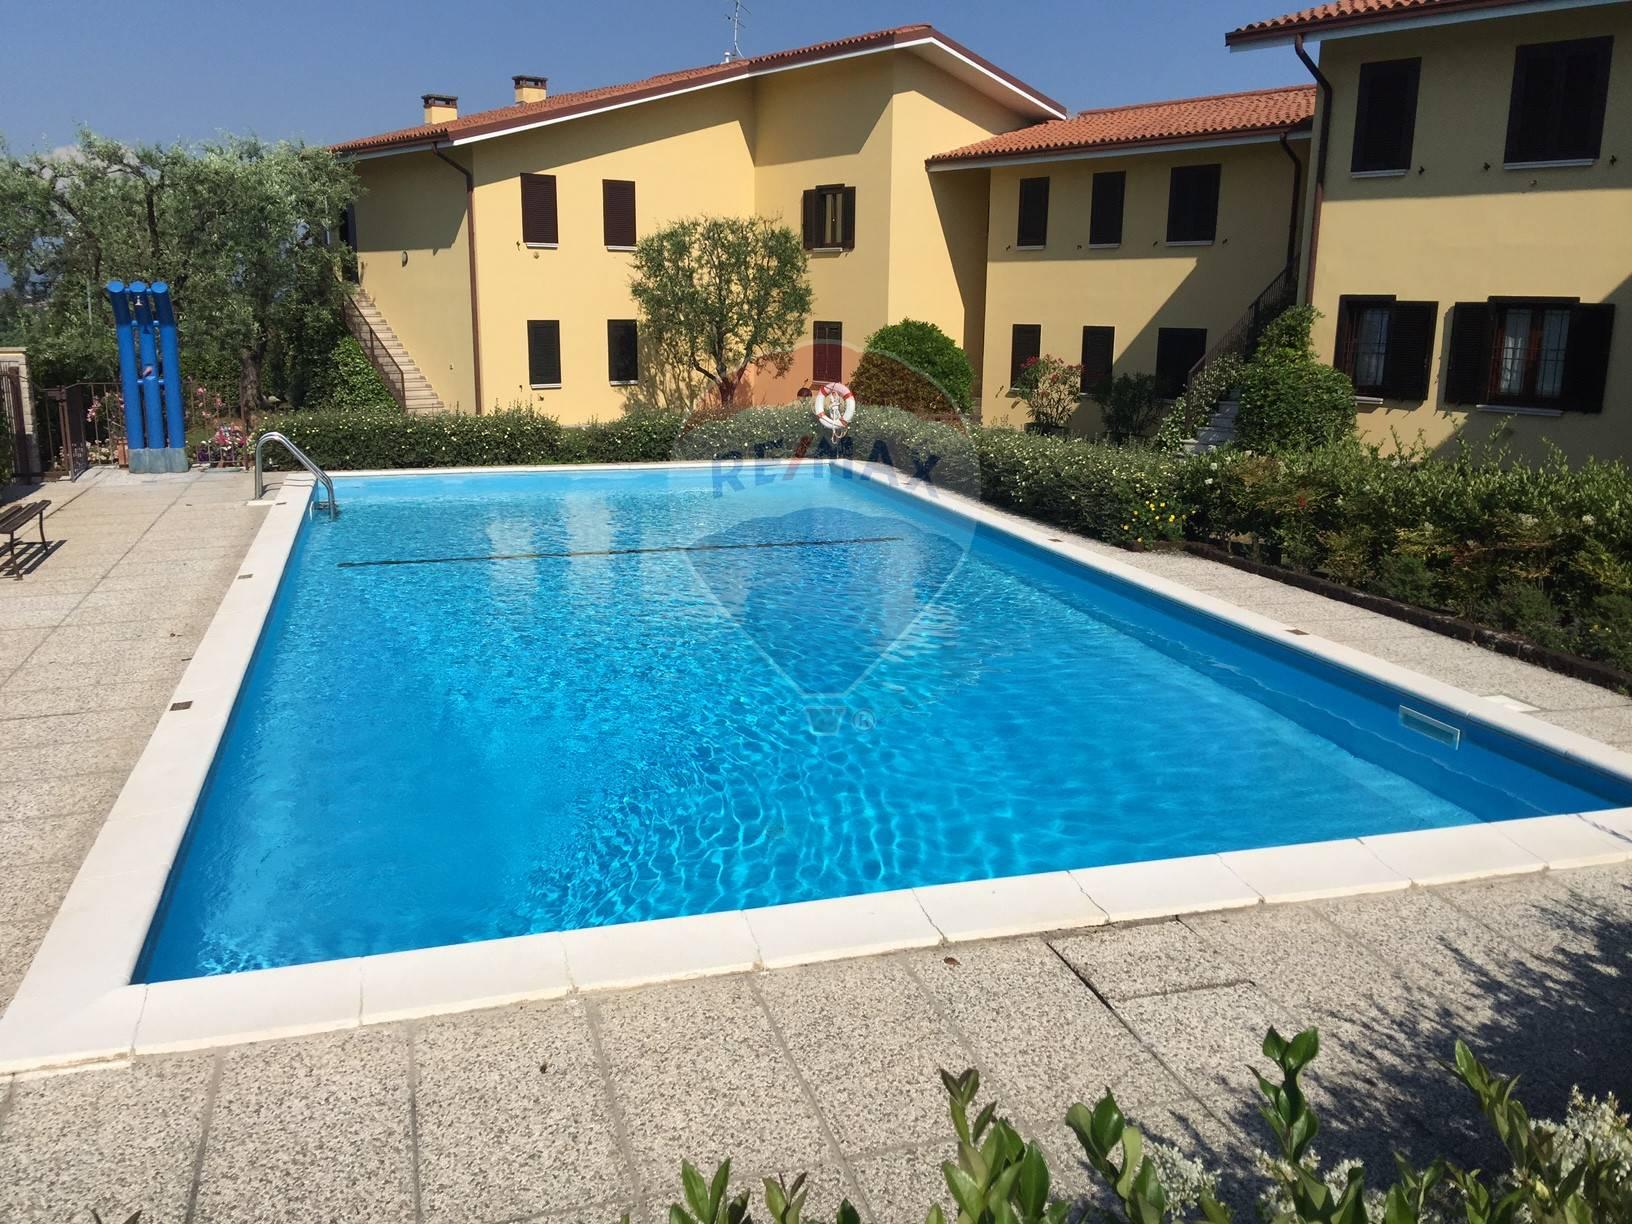 Appartamento in vendita a Soiano del Lago, 3 locali, prezzo € 229.000 | CambioCasa.it